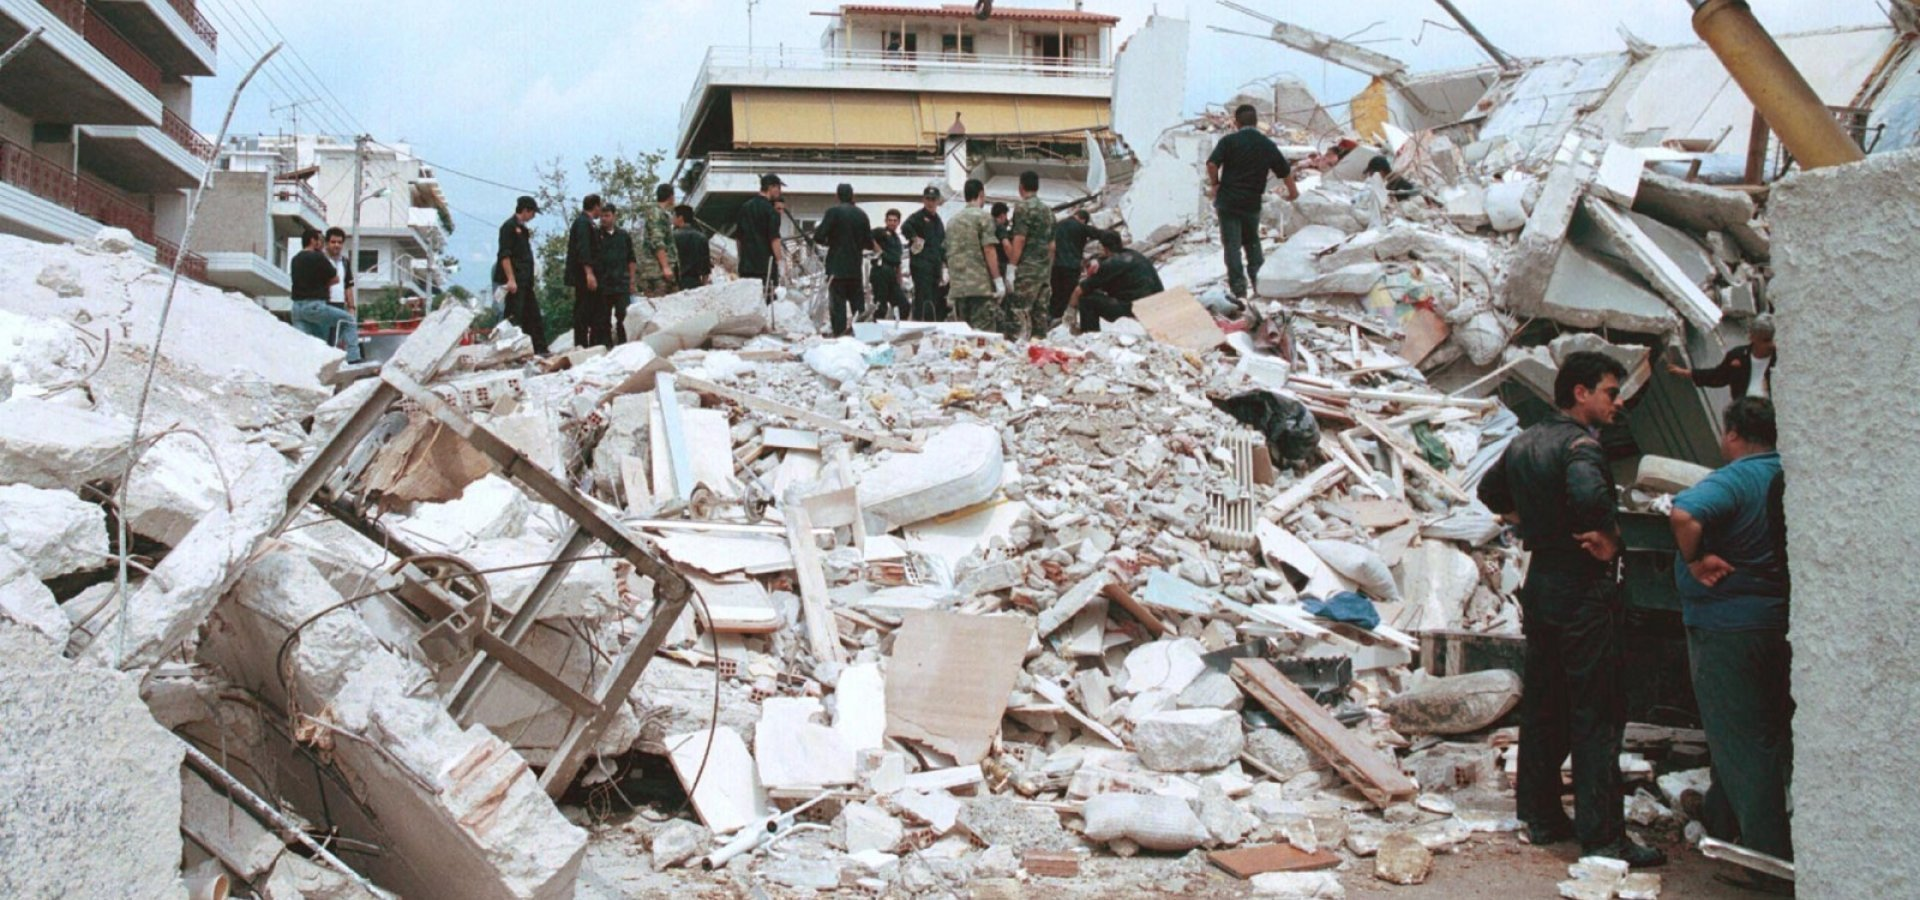 Φονικός σεισμός στην Πάρνηθα: Όταν ο χρόνος σταμάτησε στις 14:56   Έθνος